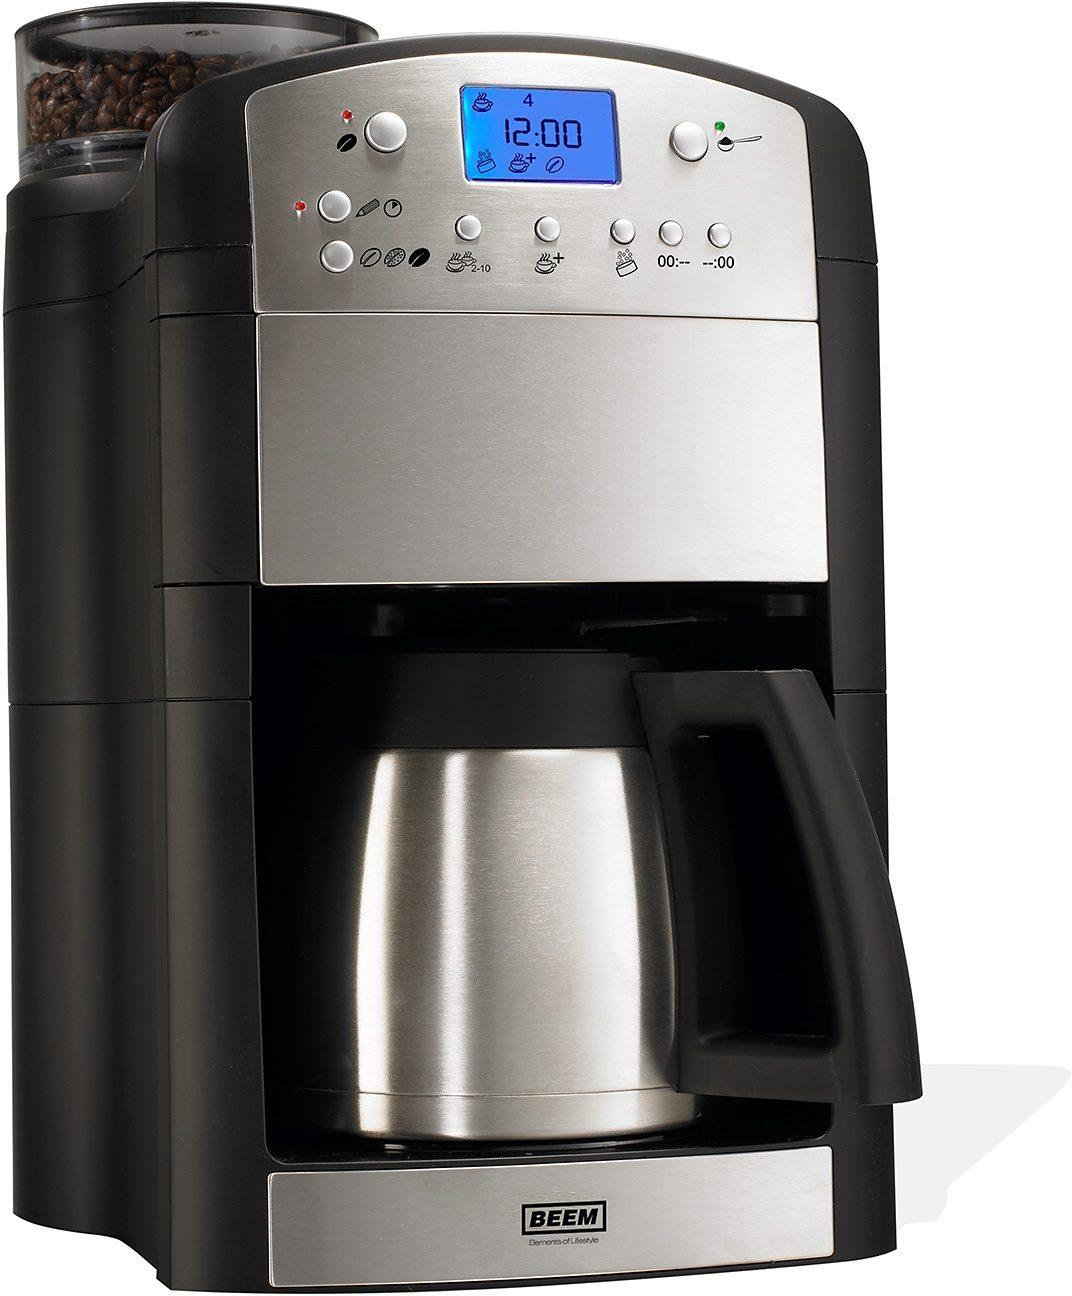 BEEM Kaffeemaschine 1.115.615 mit Thermokanne und integrierter Kaffeemühle